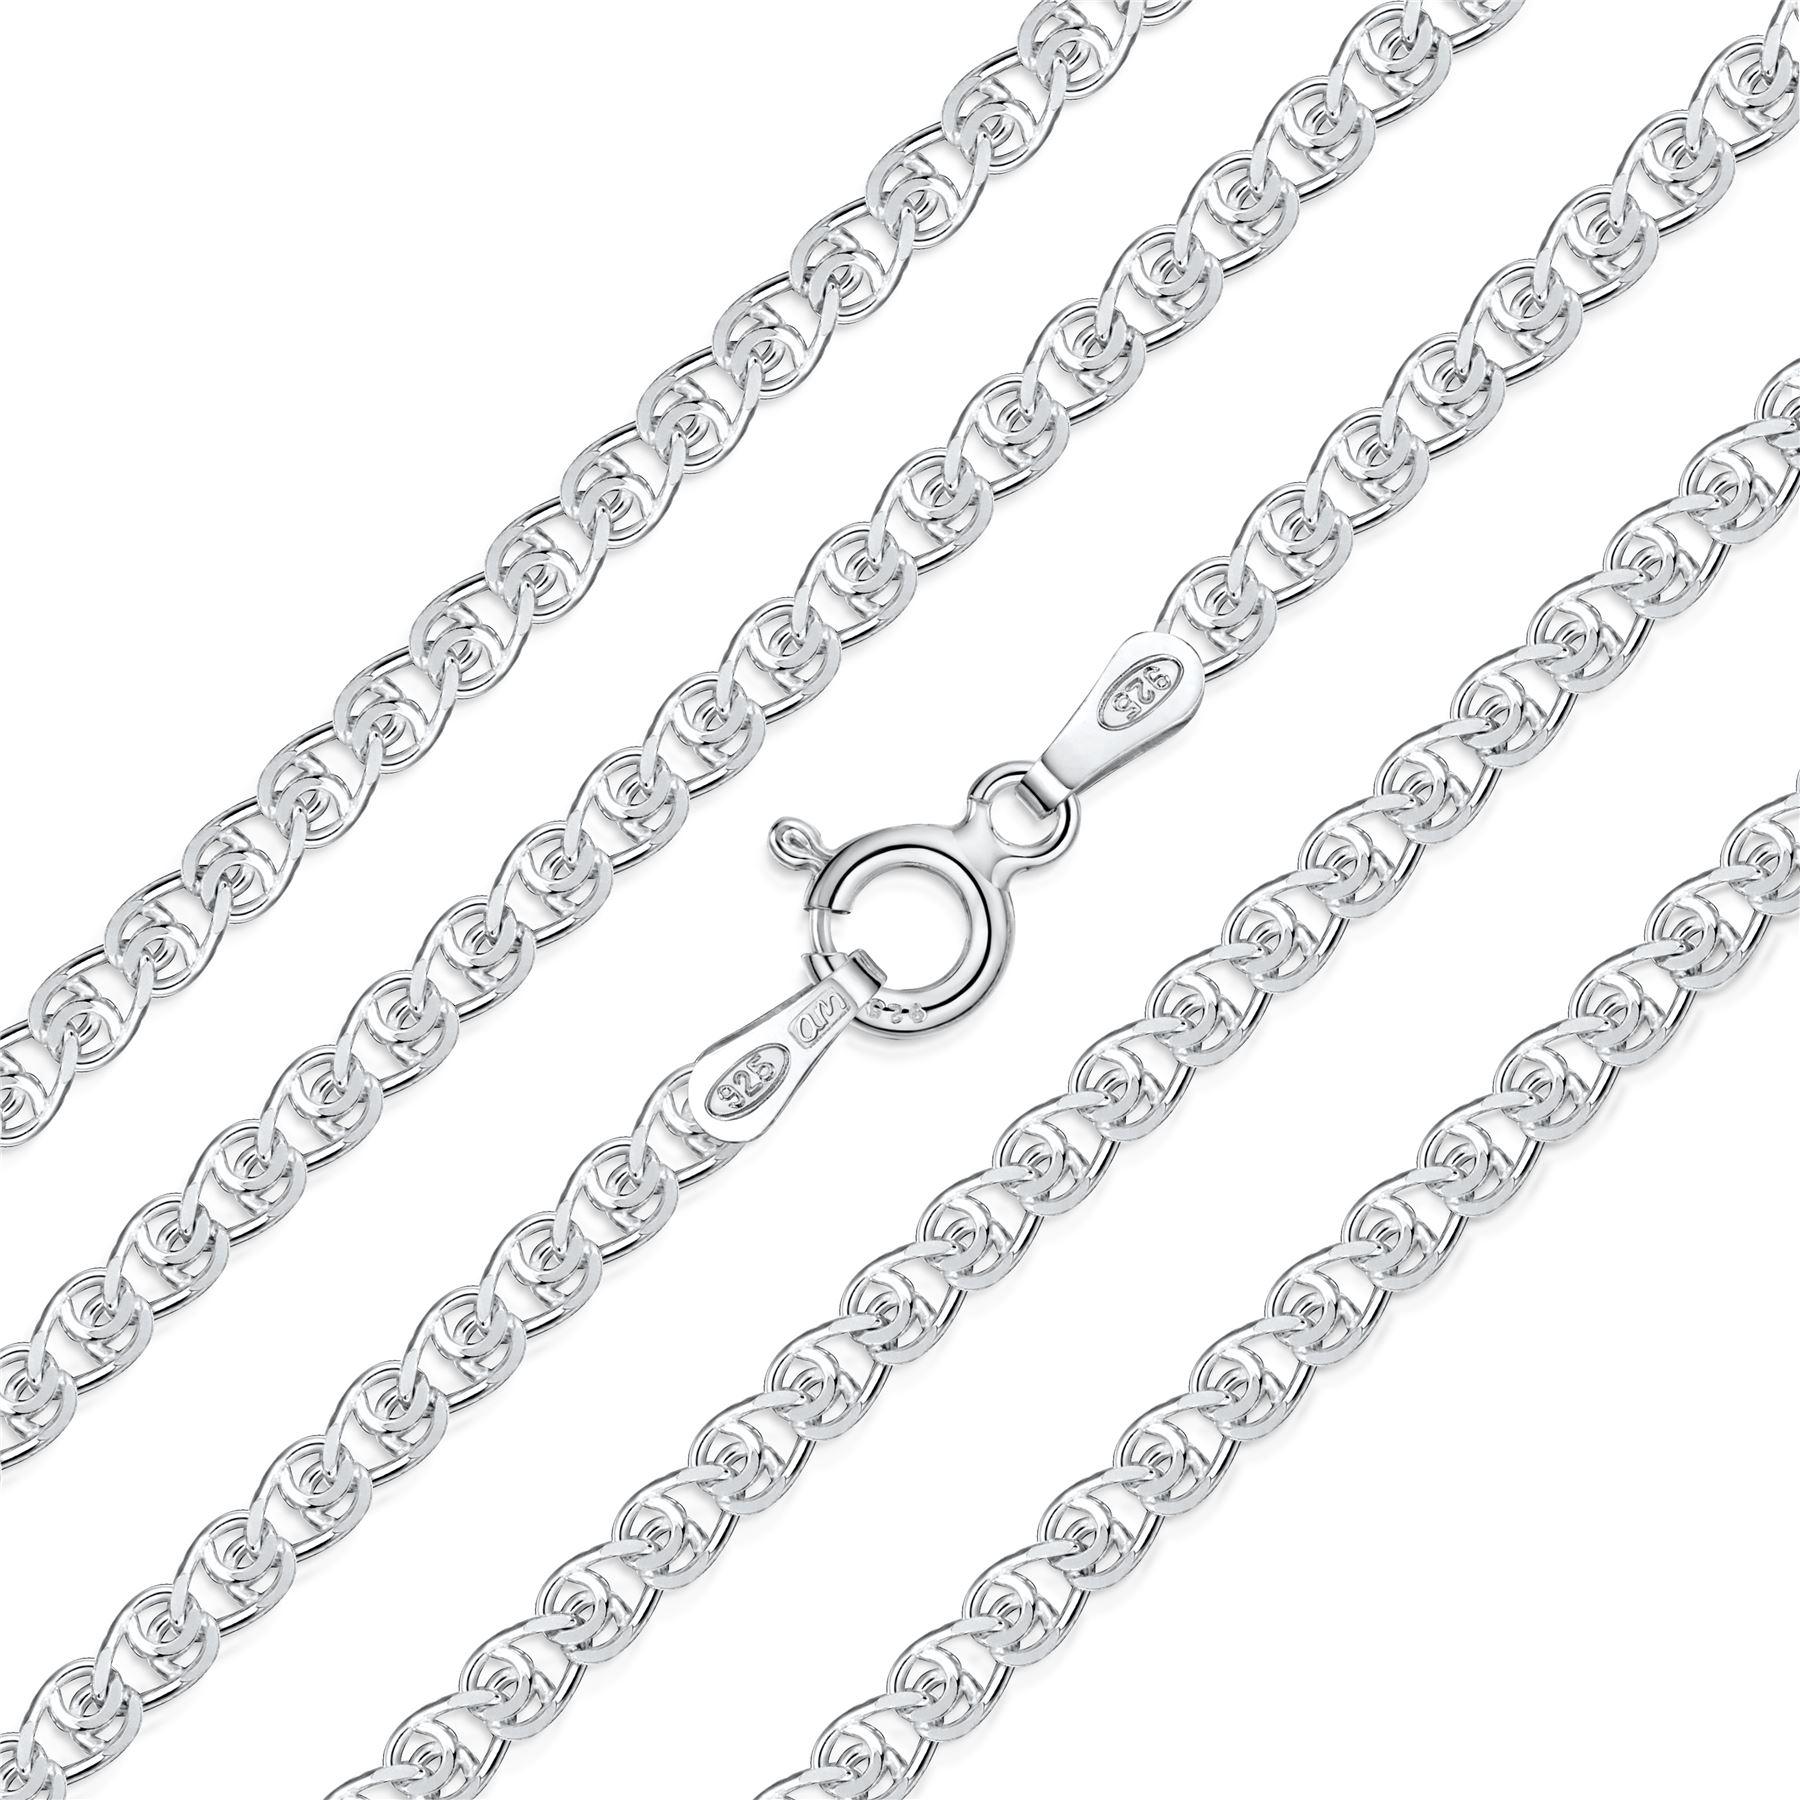 Amberta-Bijoux-Bracelet-en-Vrai-Argent-Sterling-925-Chaine-pour-Femme-a-la-Mode thumbnail 72